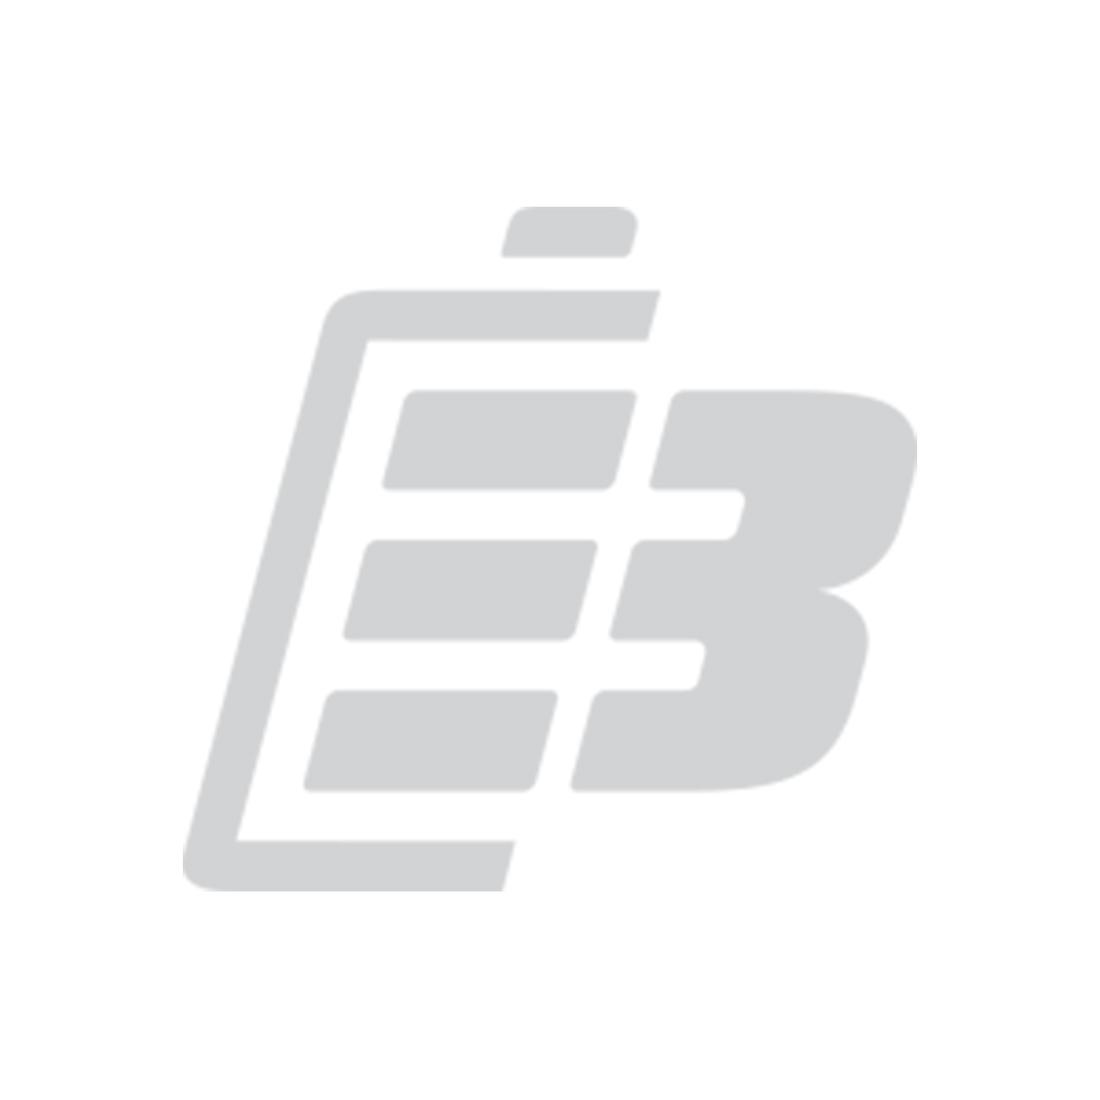 Μπαταρία barcode scanner Intermec CN70_1